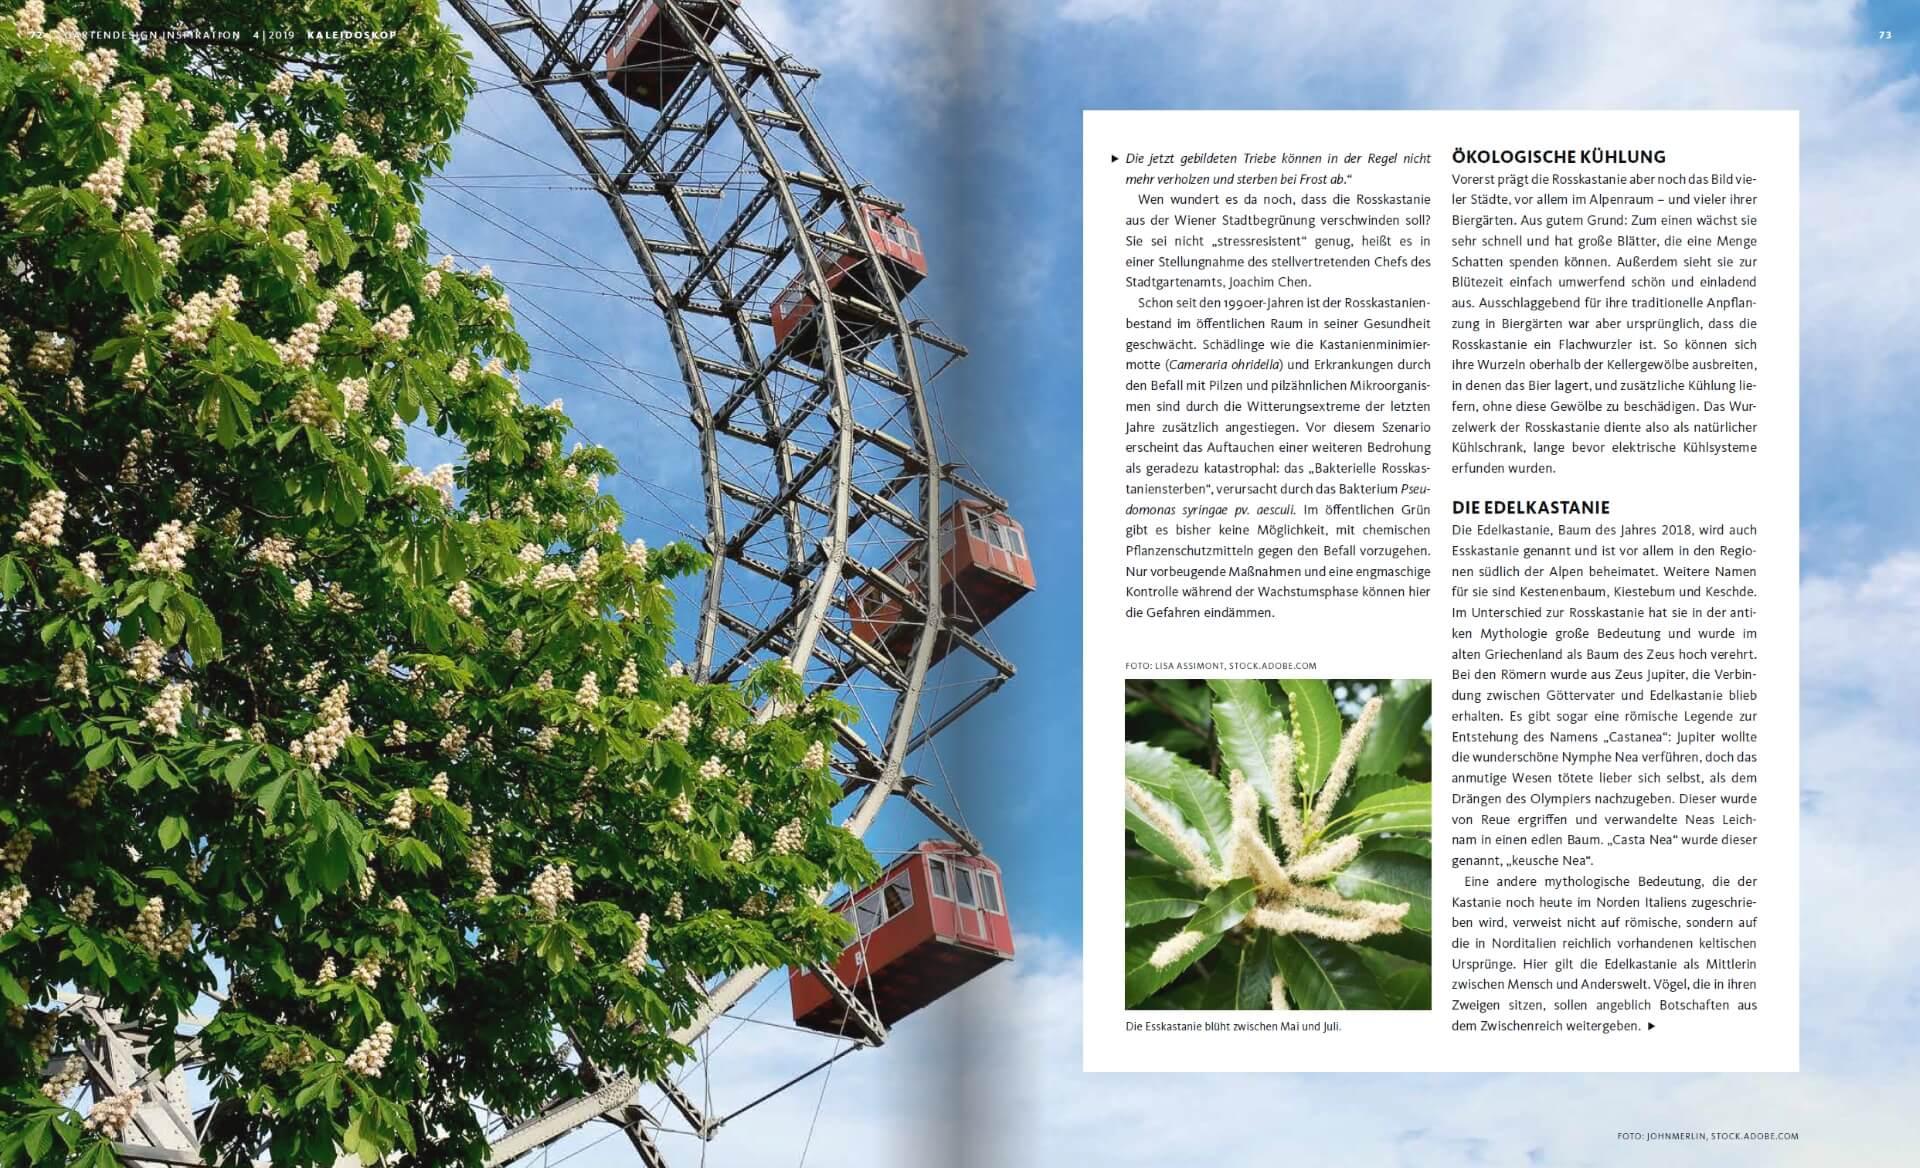 GARTENDESIGN INSPIRATION Ausgabe 4/2019: Die Kastanie